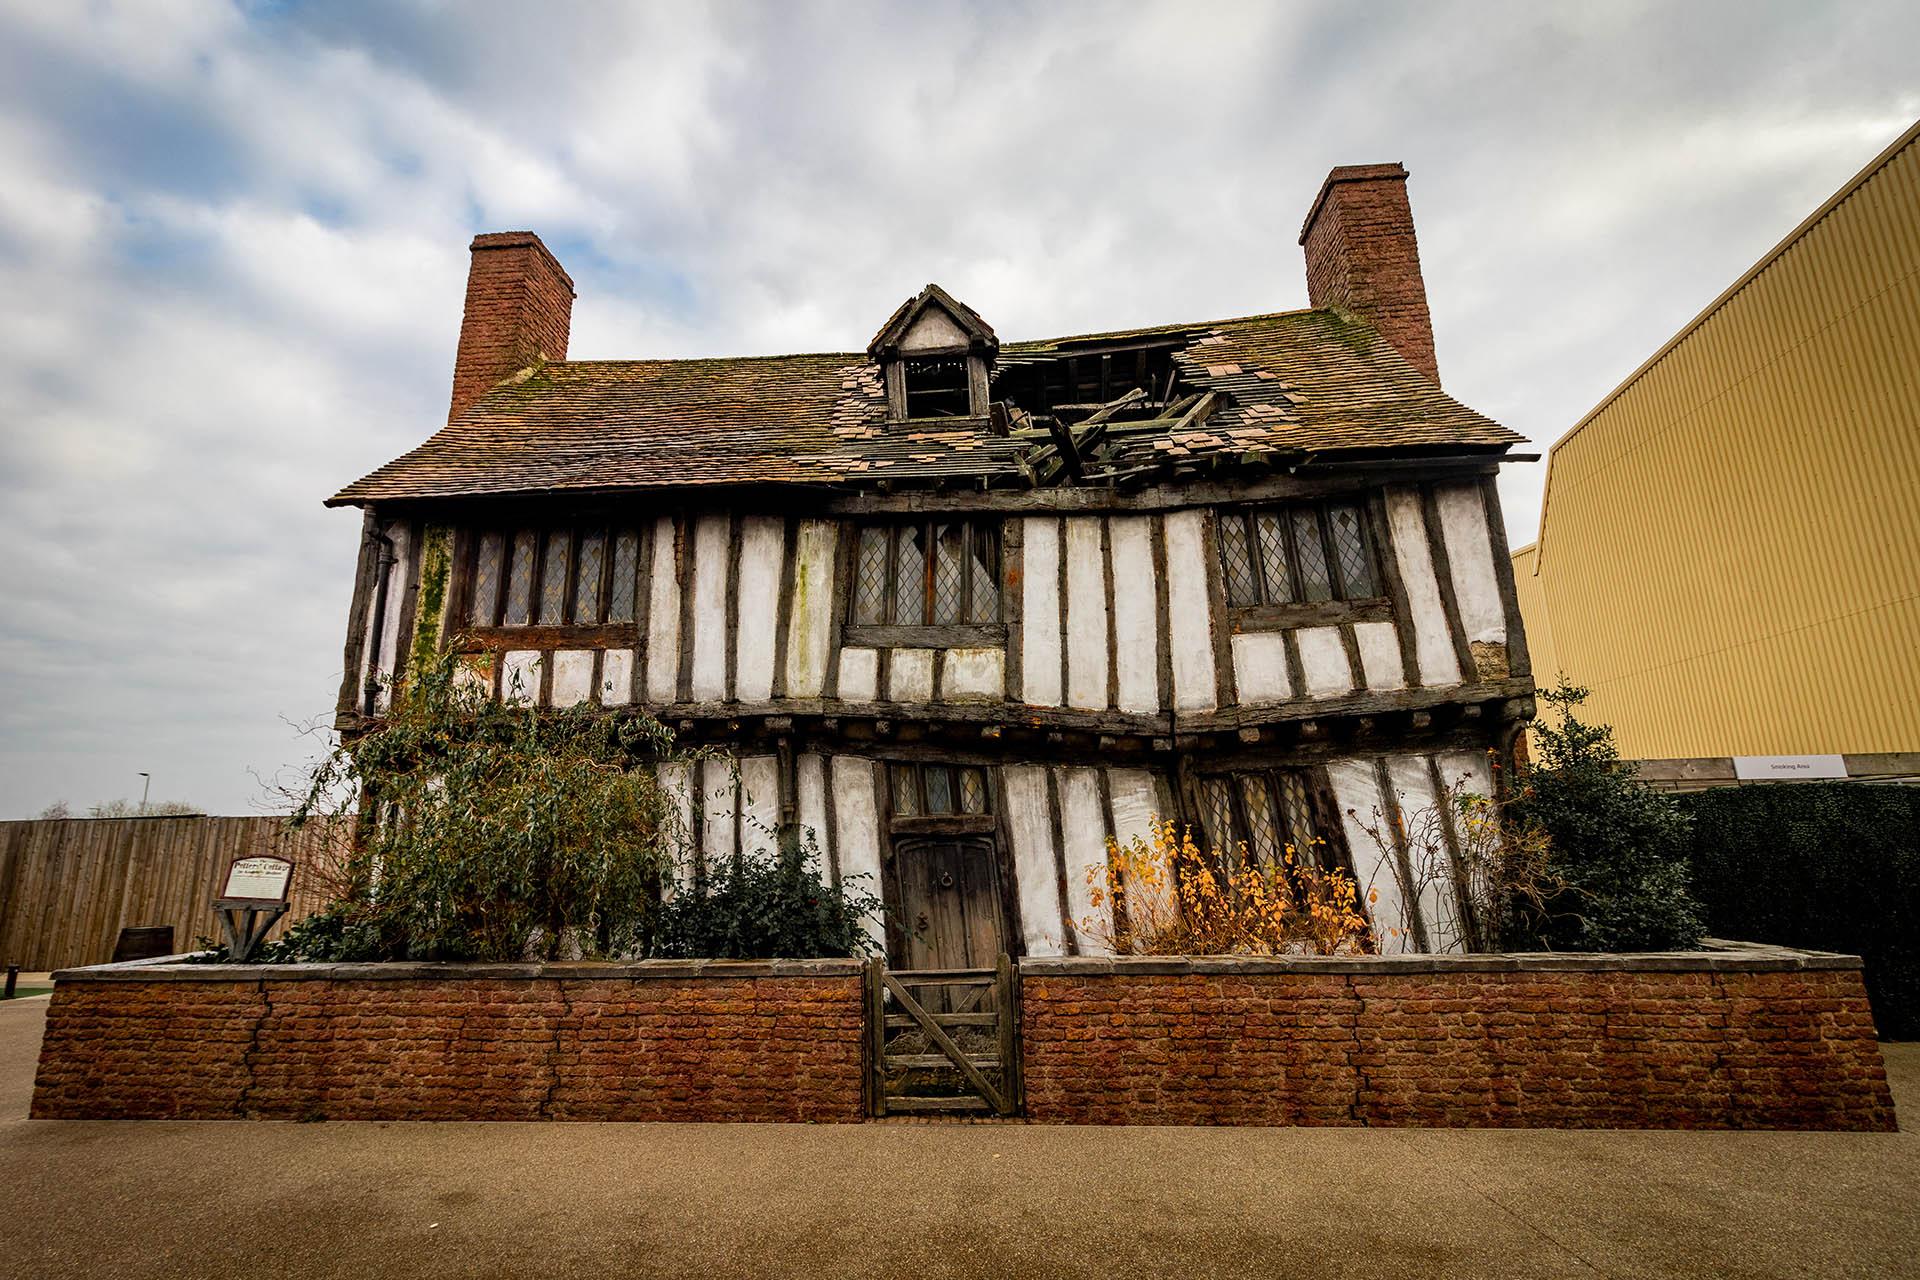 Het huis van Lily en James uit de Harry Potter films na Voldemort